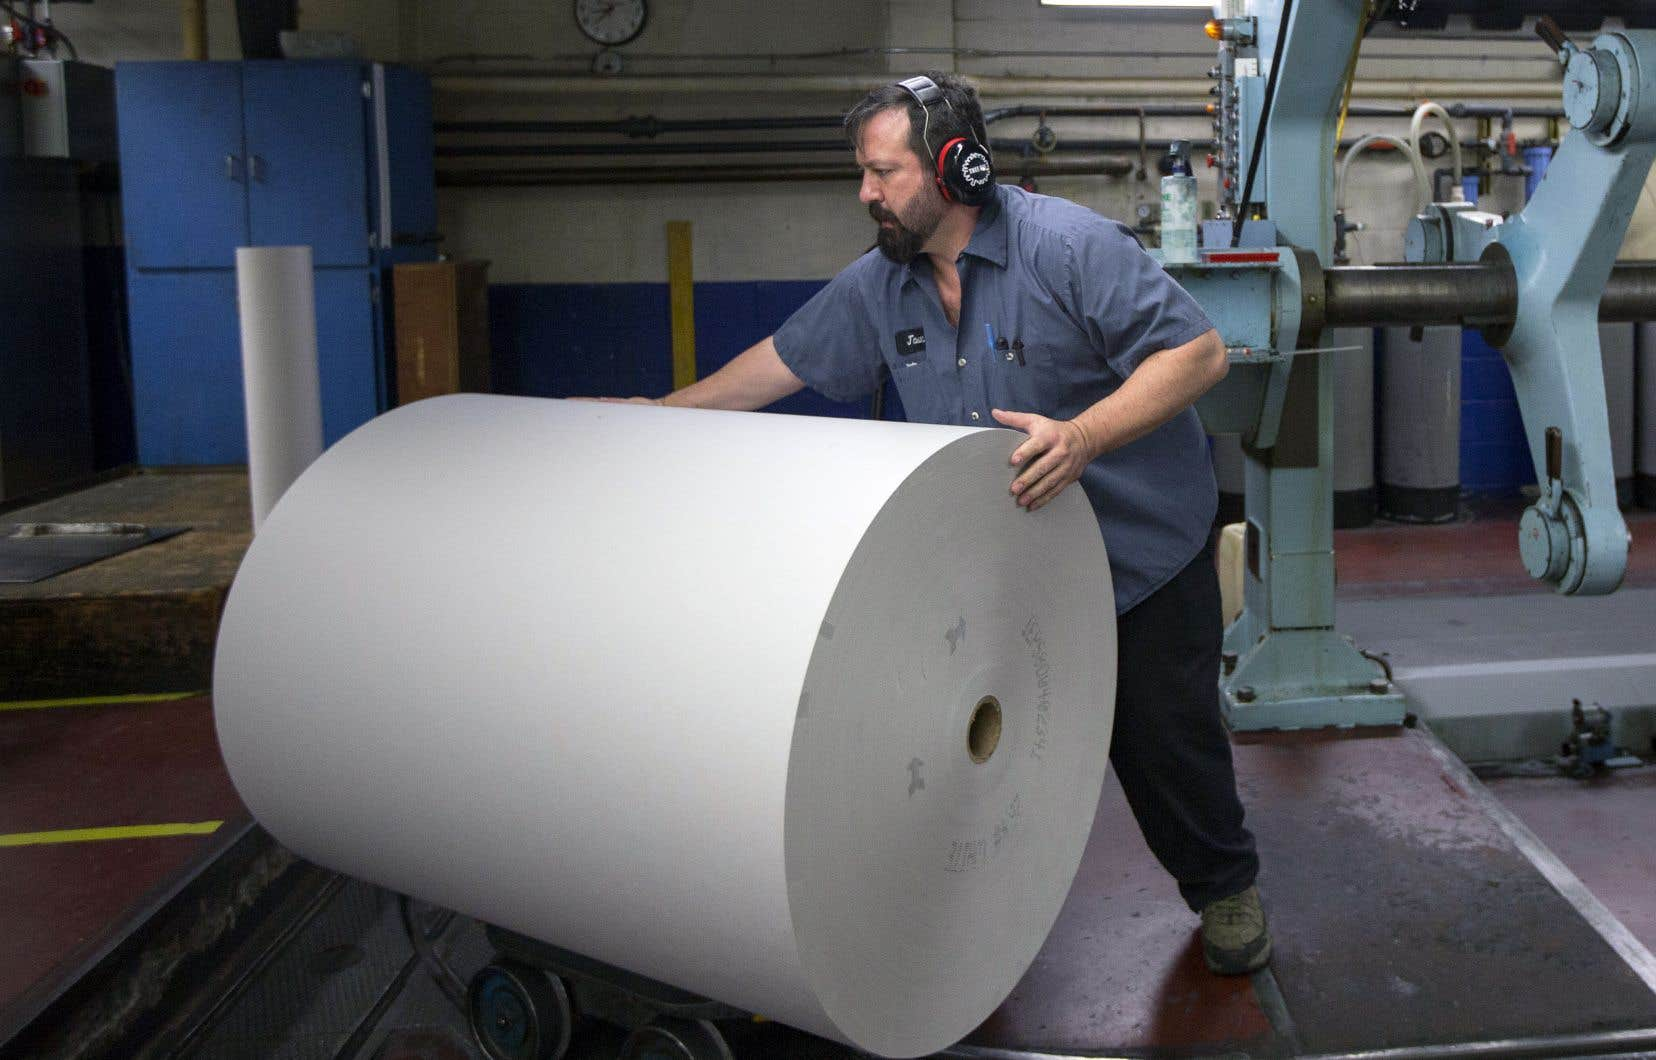 Les sanctions de Washington ont déjà entraîné une hausse des coûts de 30% pour les journaux.